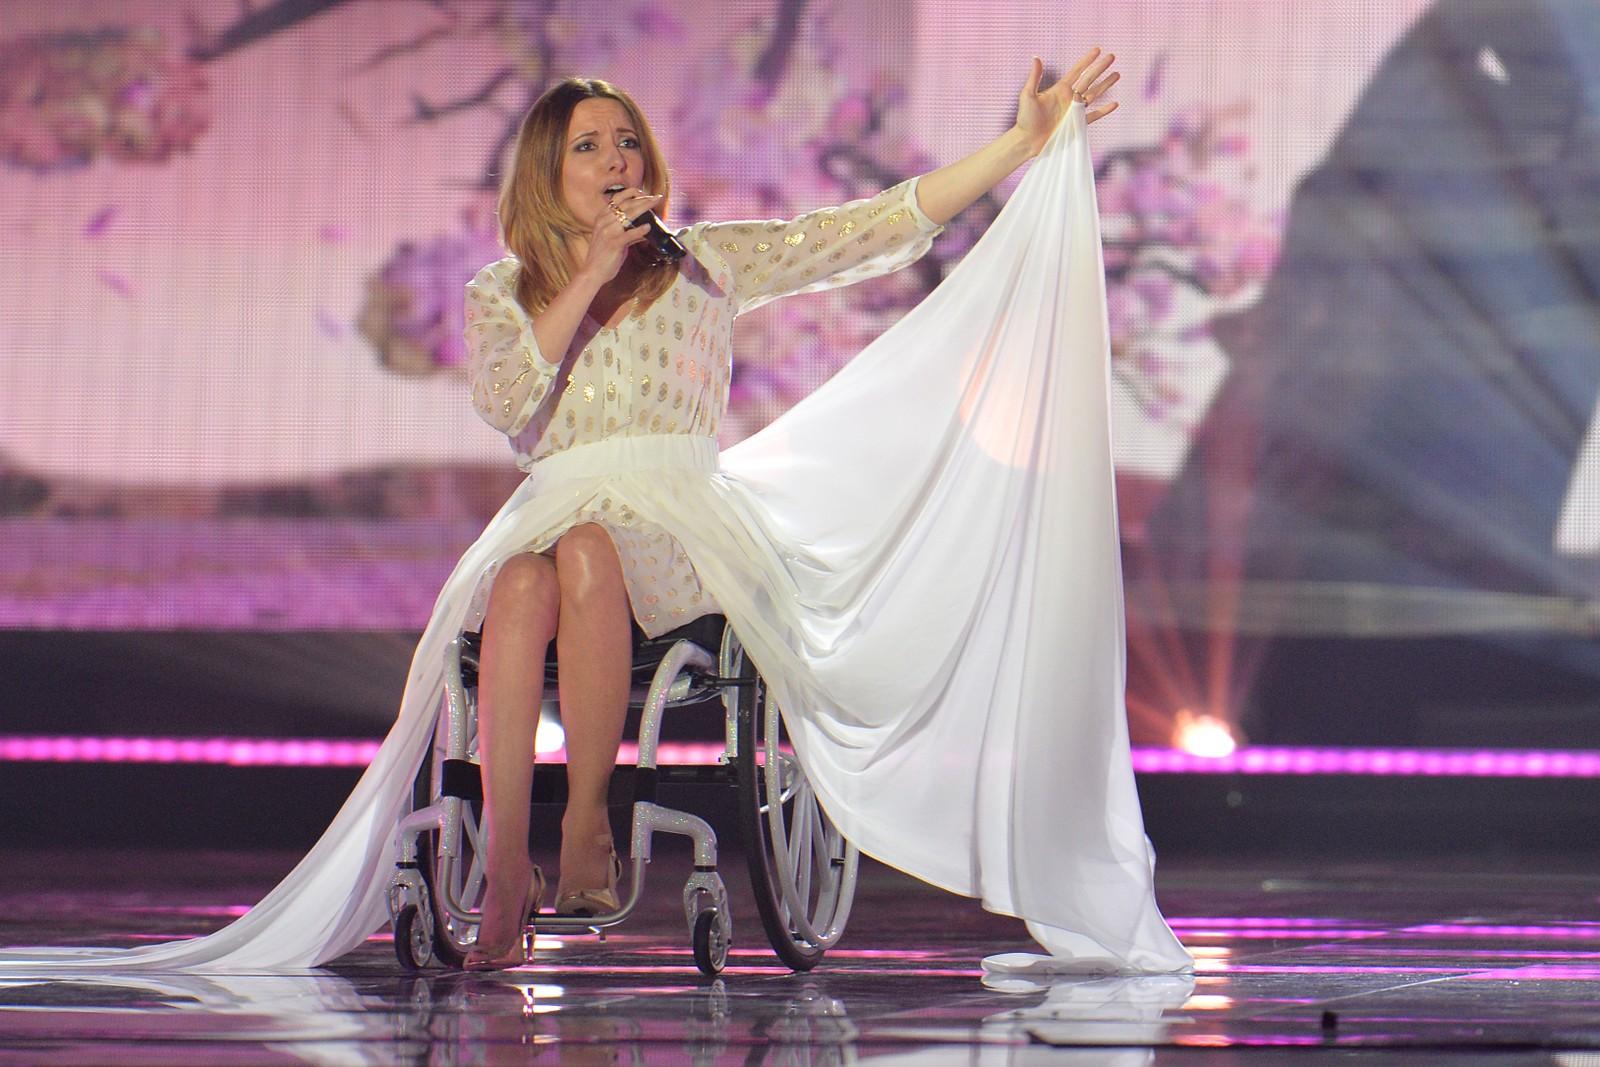 Monika Kuszyńska fra Polen framfører «In The Name Of Love» i kveld som artist nummer 17 og siste kvinne ut før det skal stemmes. Her fra onsdagens kostymeprøver.